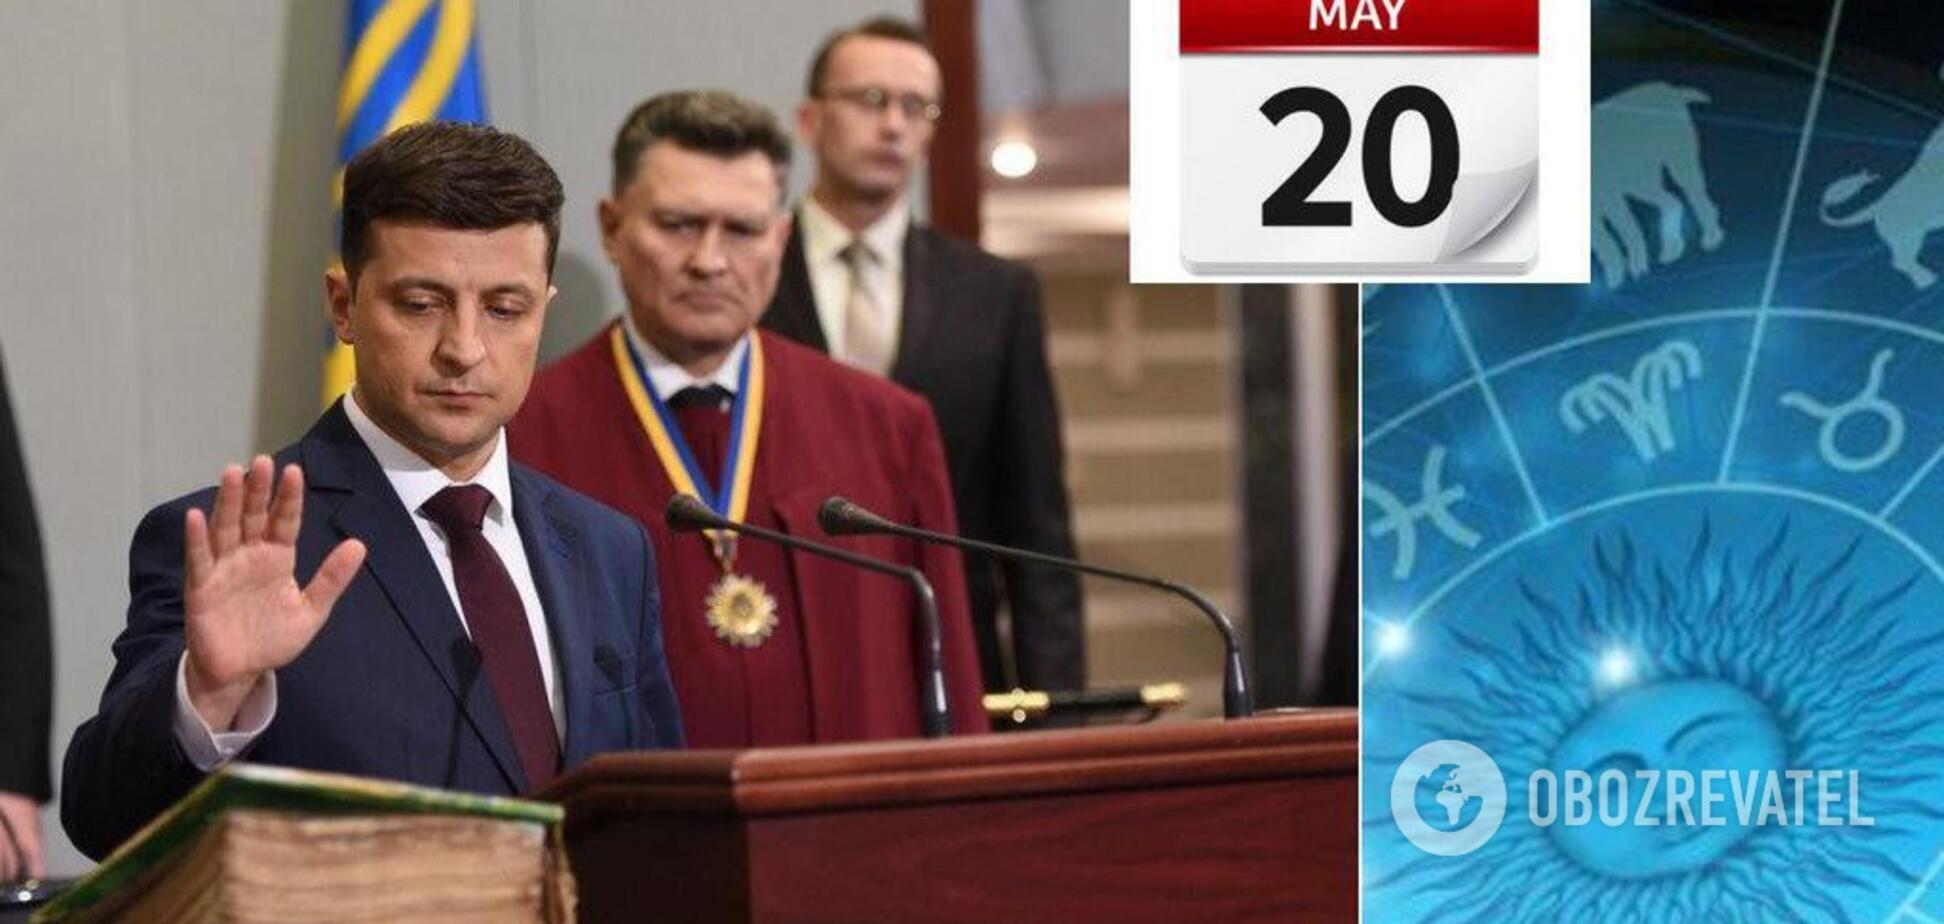 Інавгурація Зеленського 20 травня: нумеролог розповіла про наслідки для миру